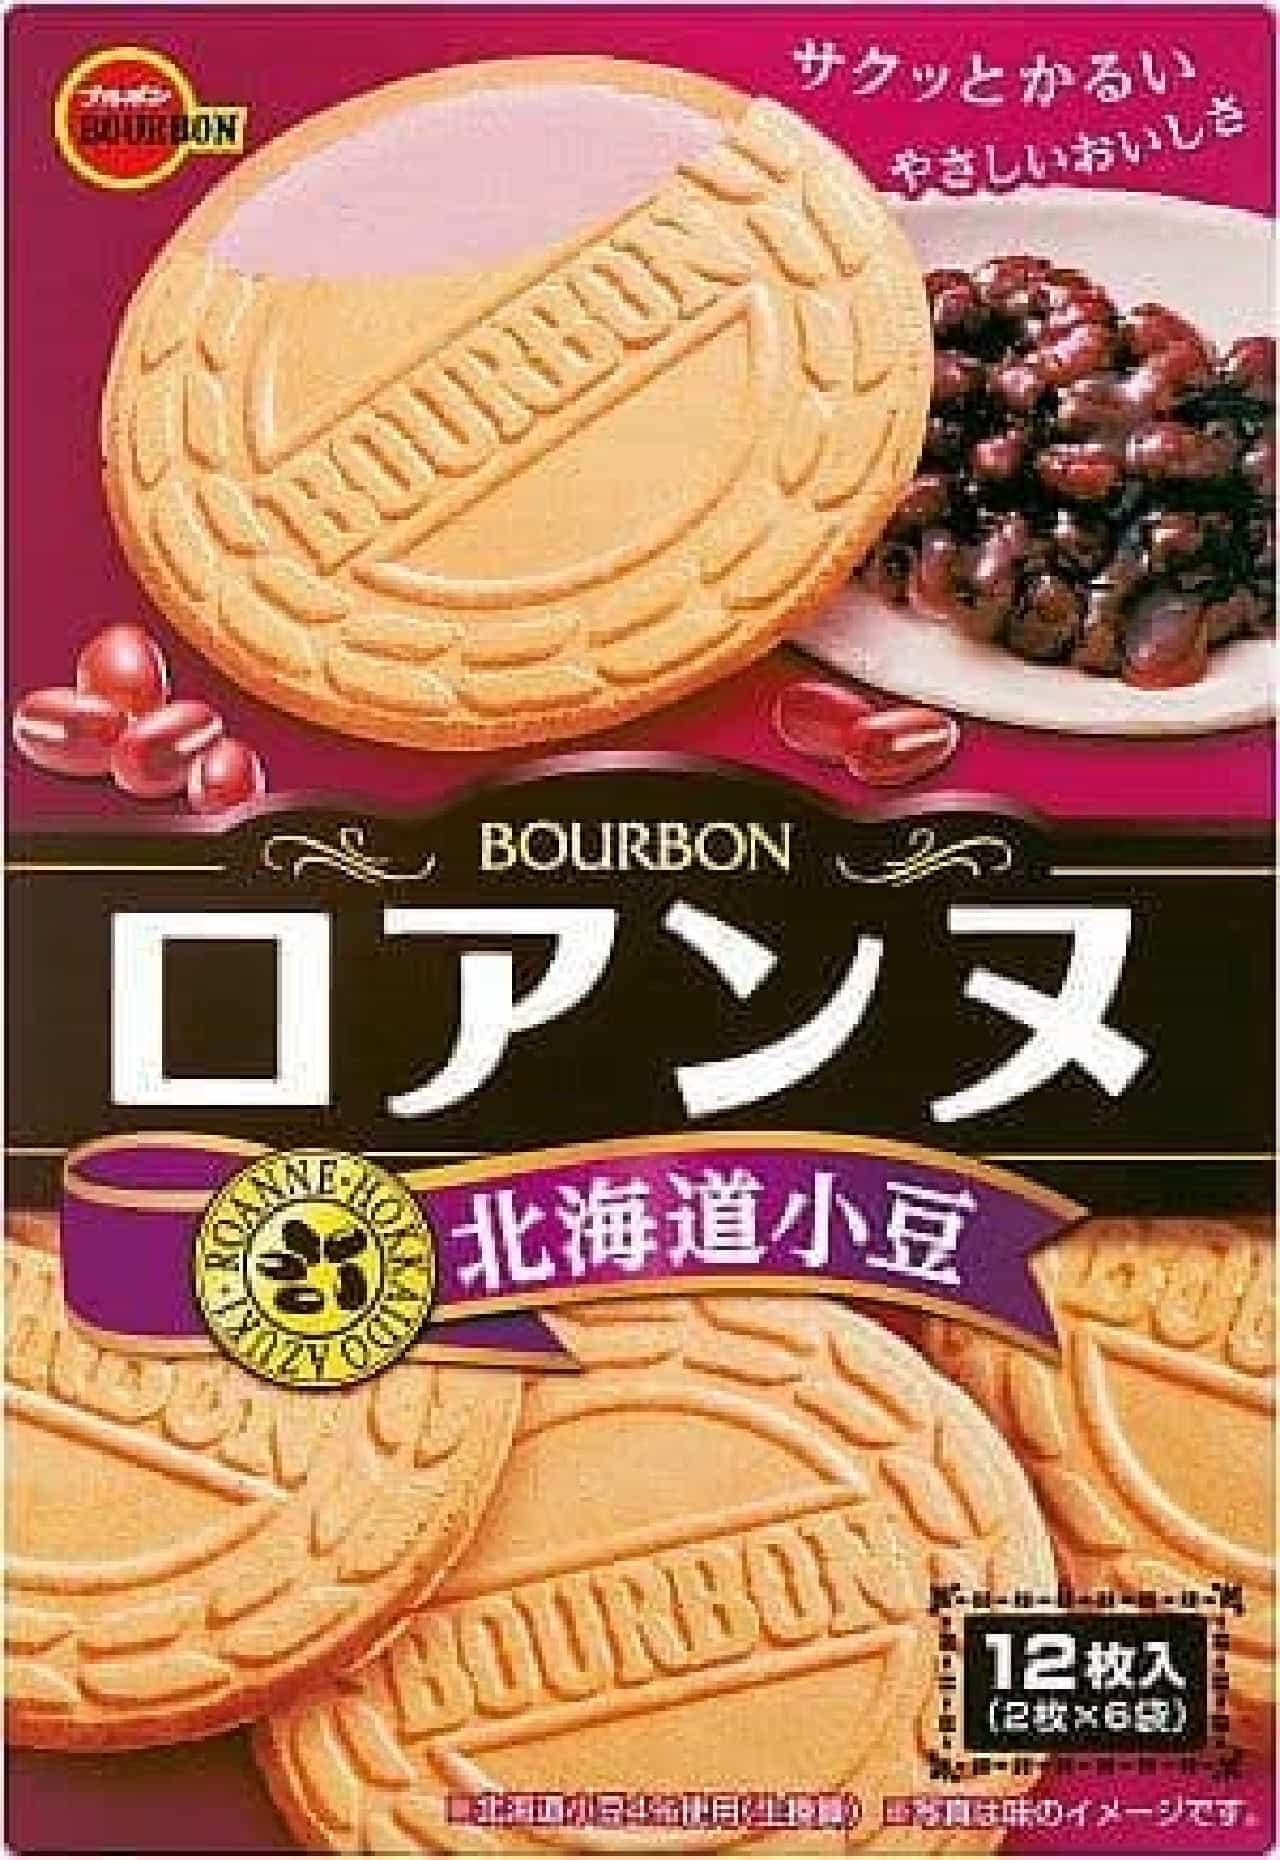 ブルボン「ロアンヌ北海道小豆」